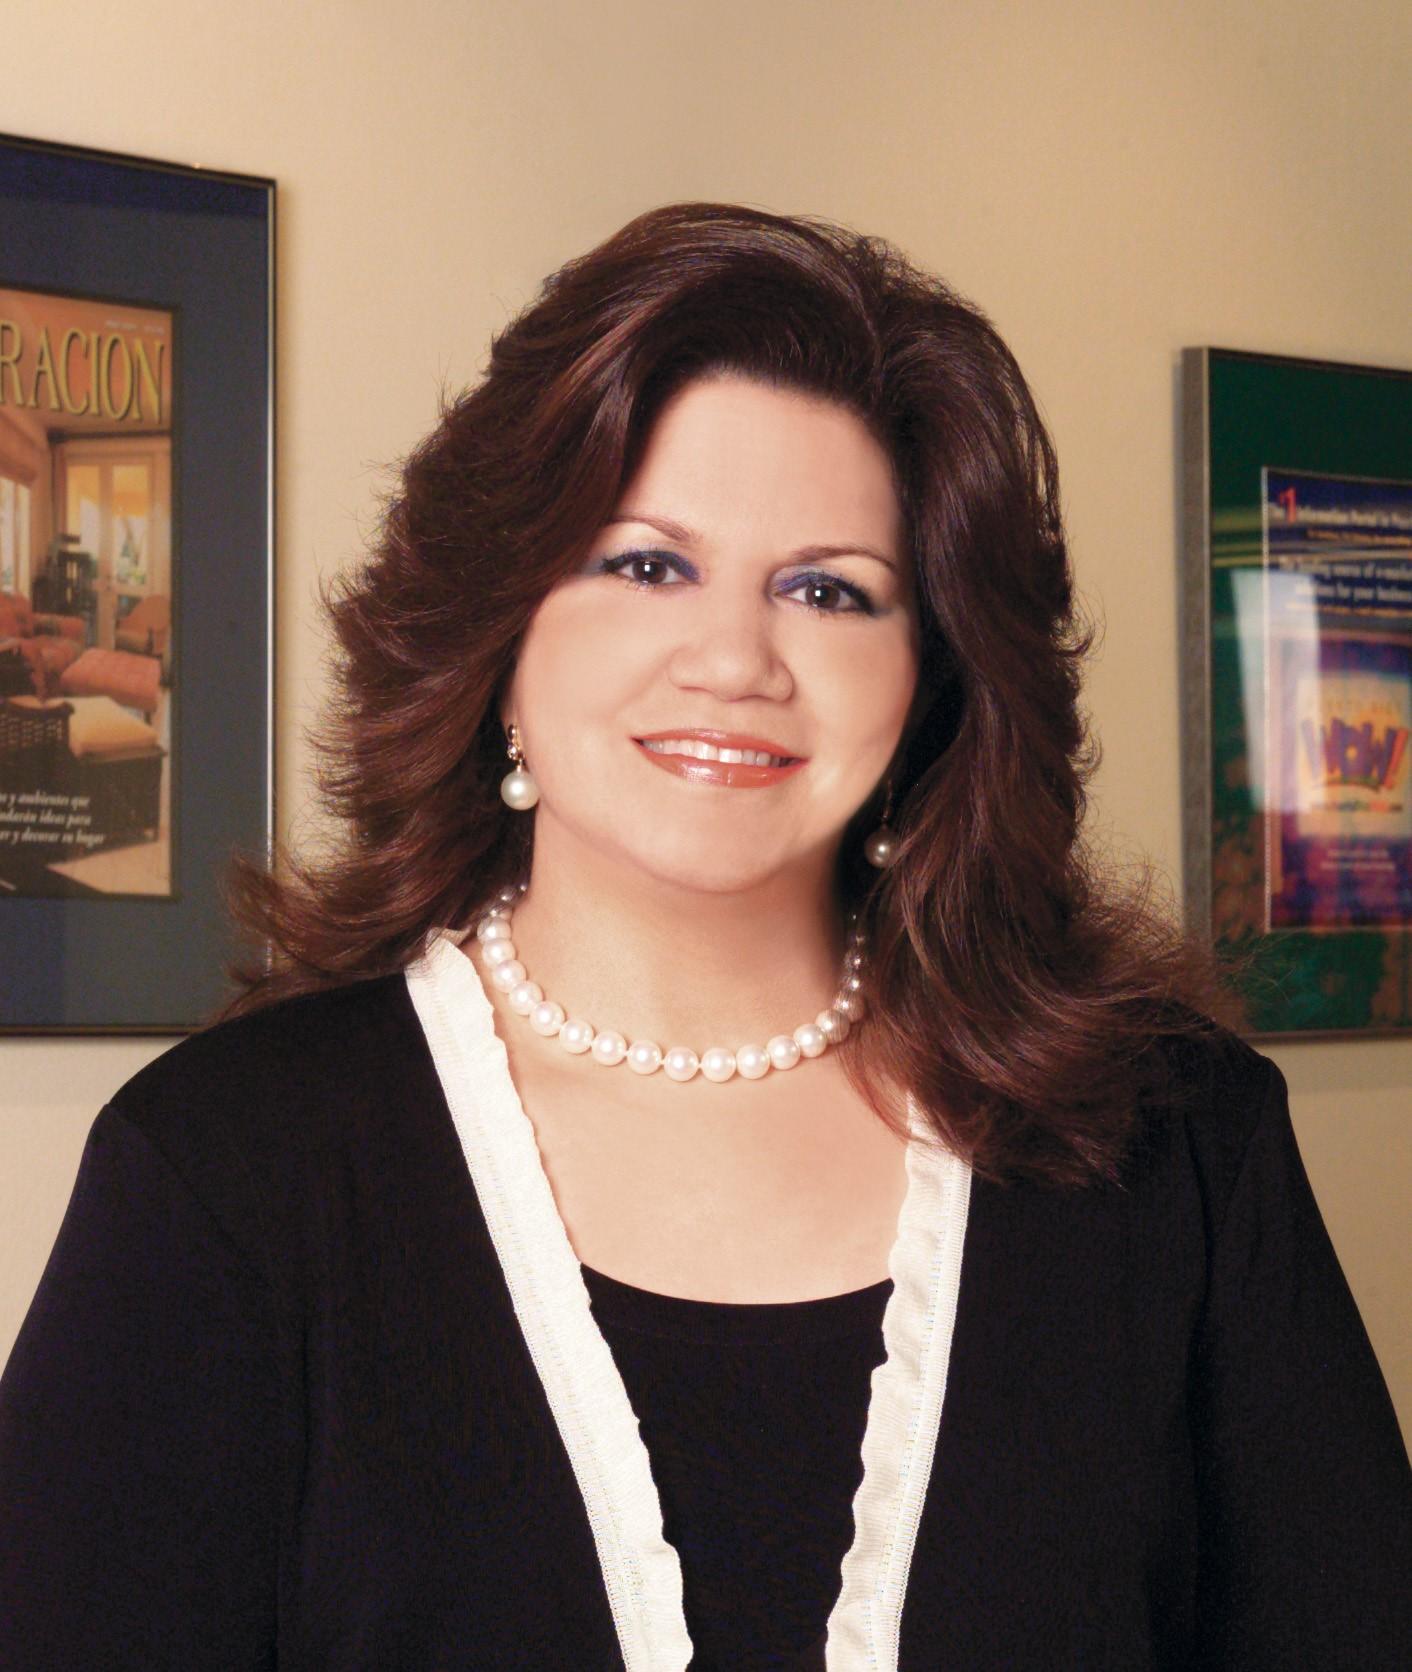 1b48e65028 Kimberly Casiano  Representing The Hispanic Diasporians - Amazons ...